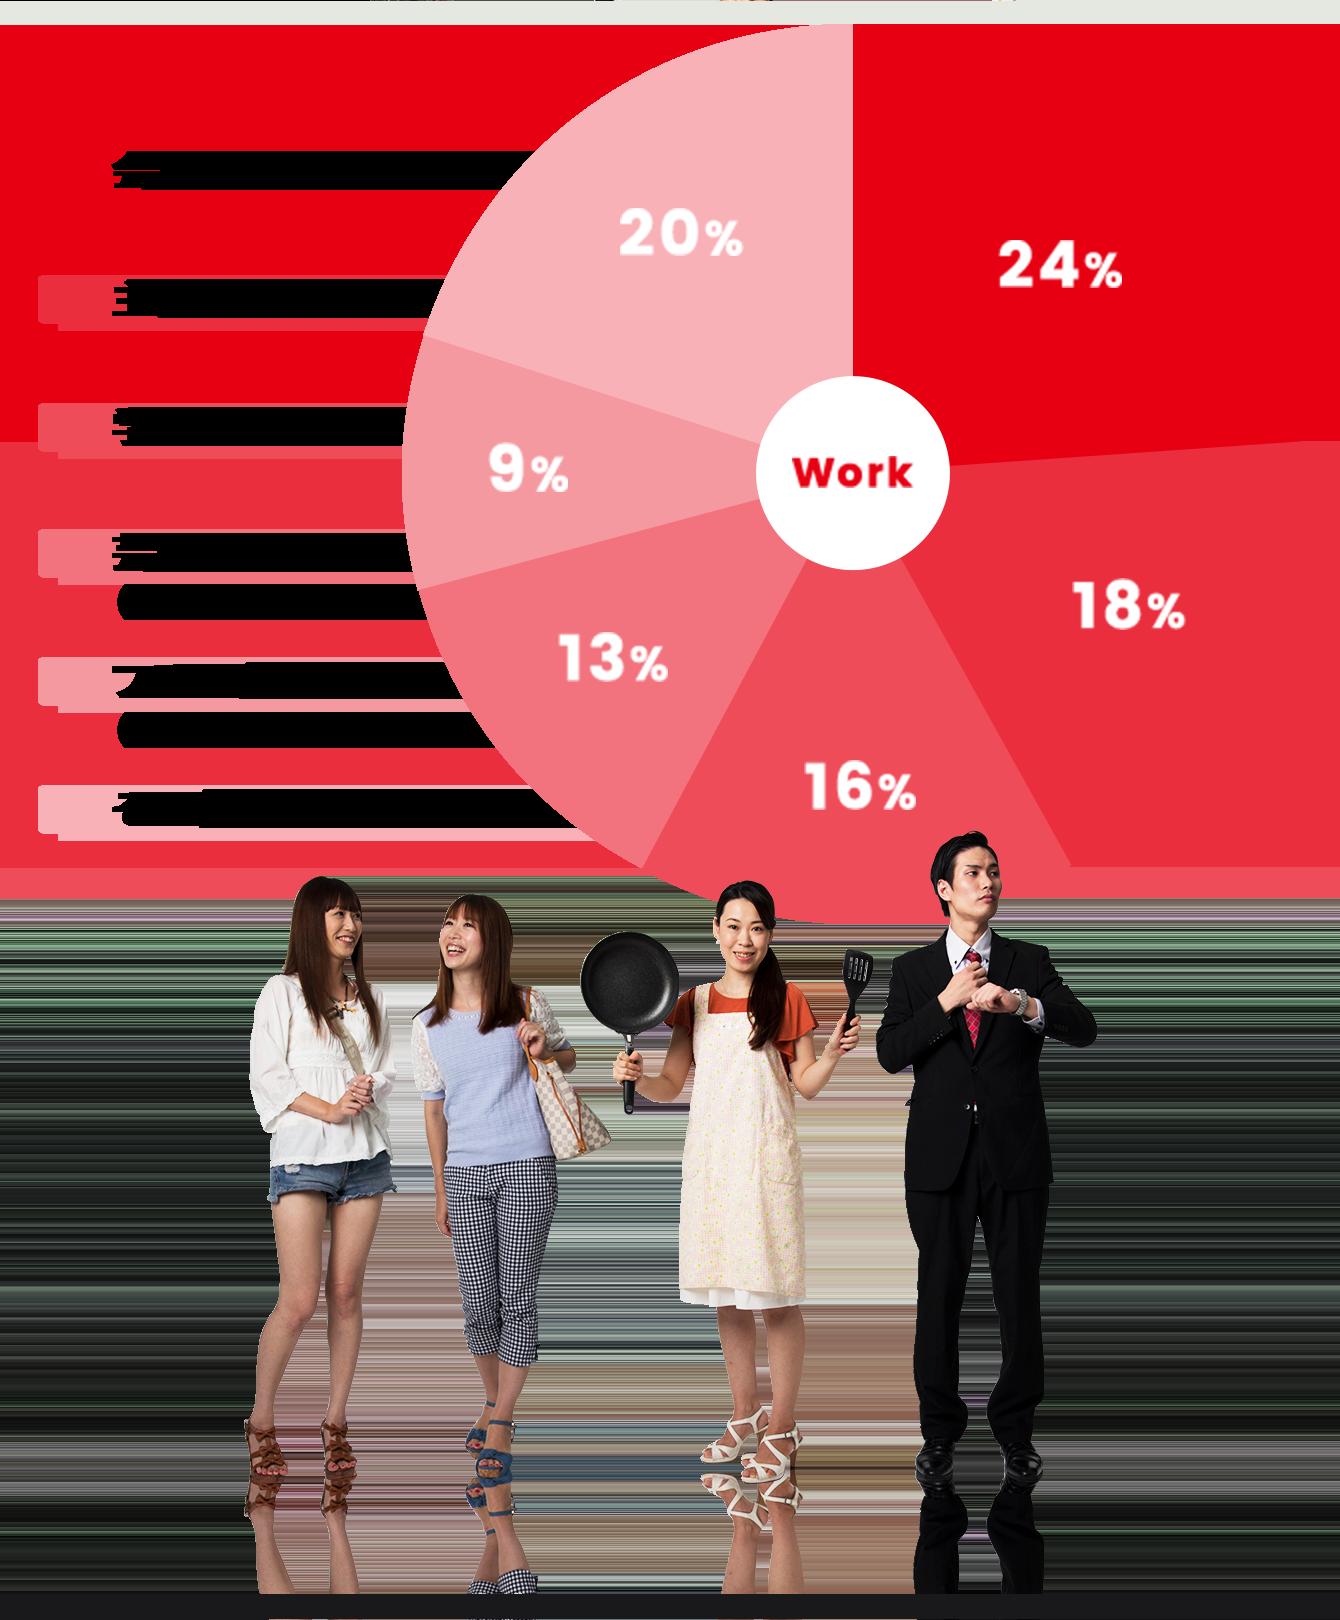 職業のグラフ